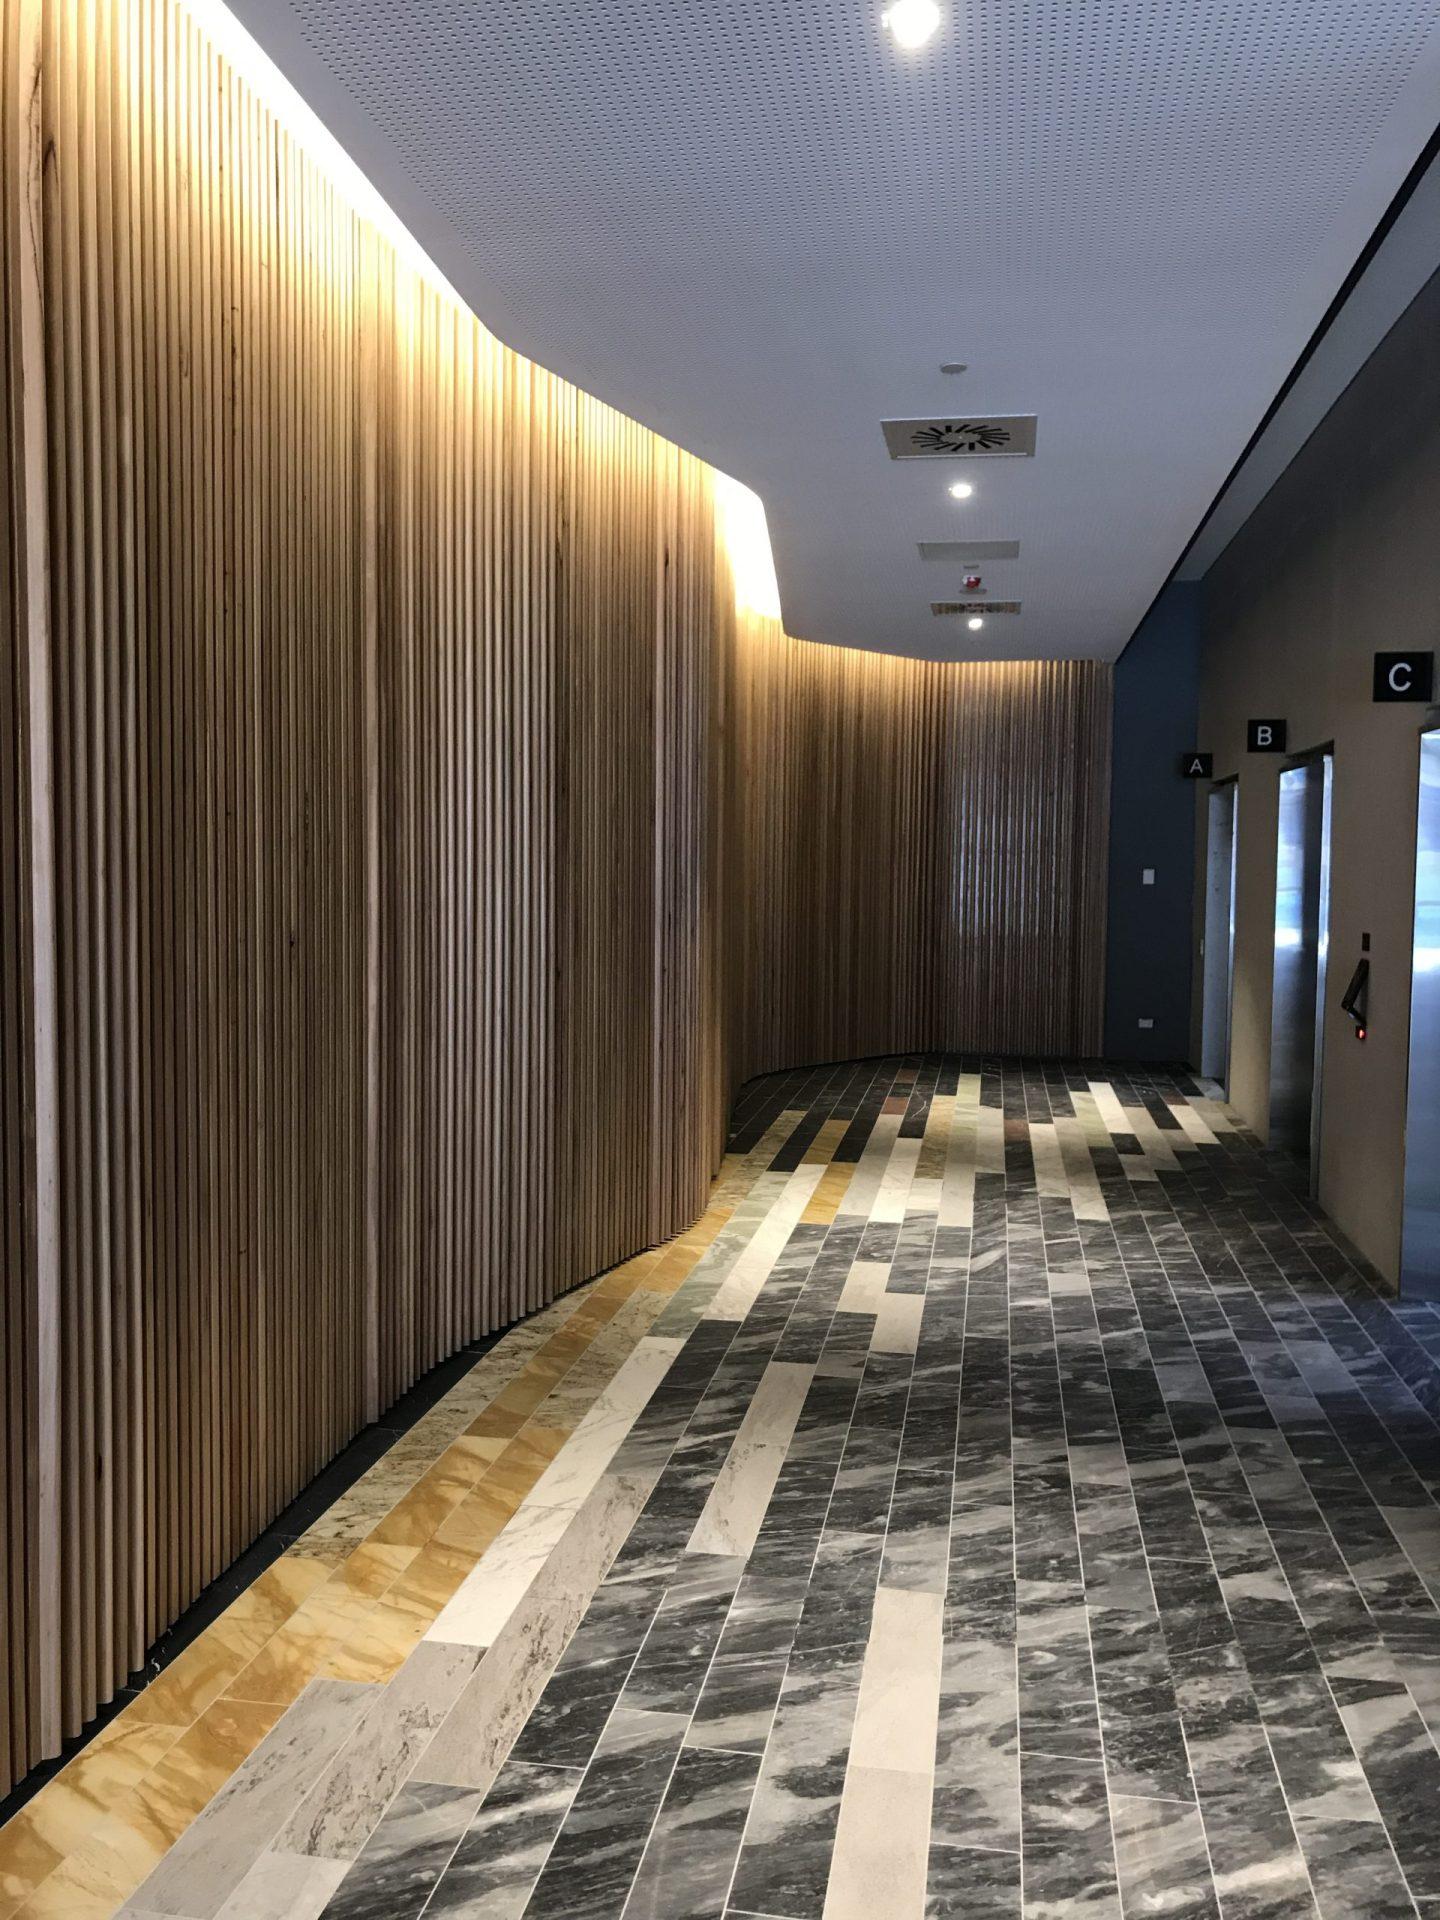 A tiled hallway inside a building